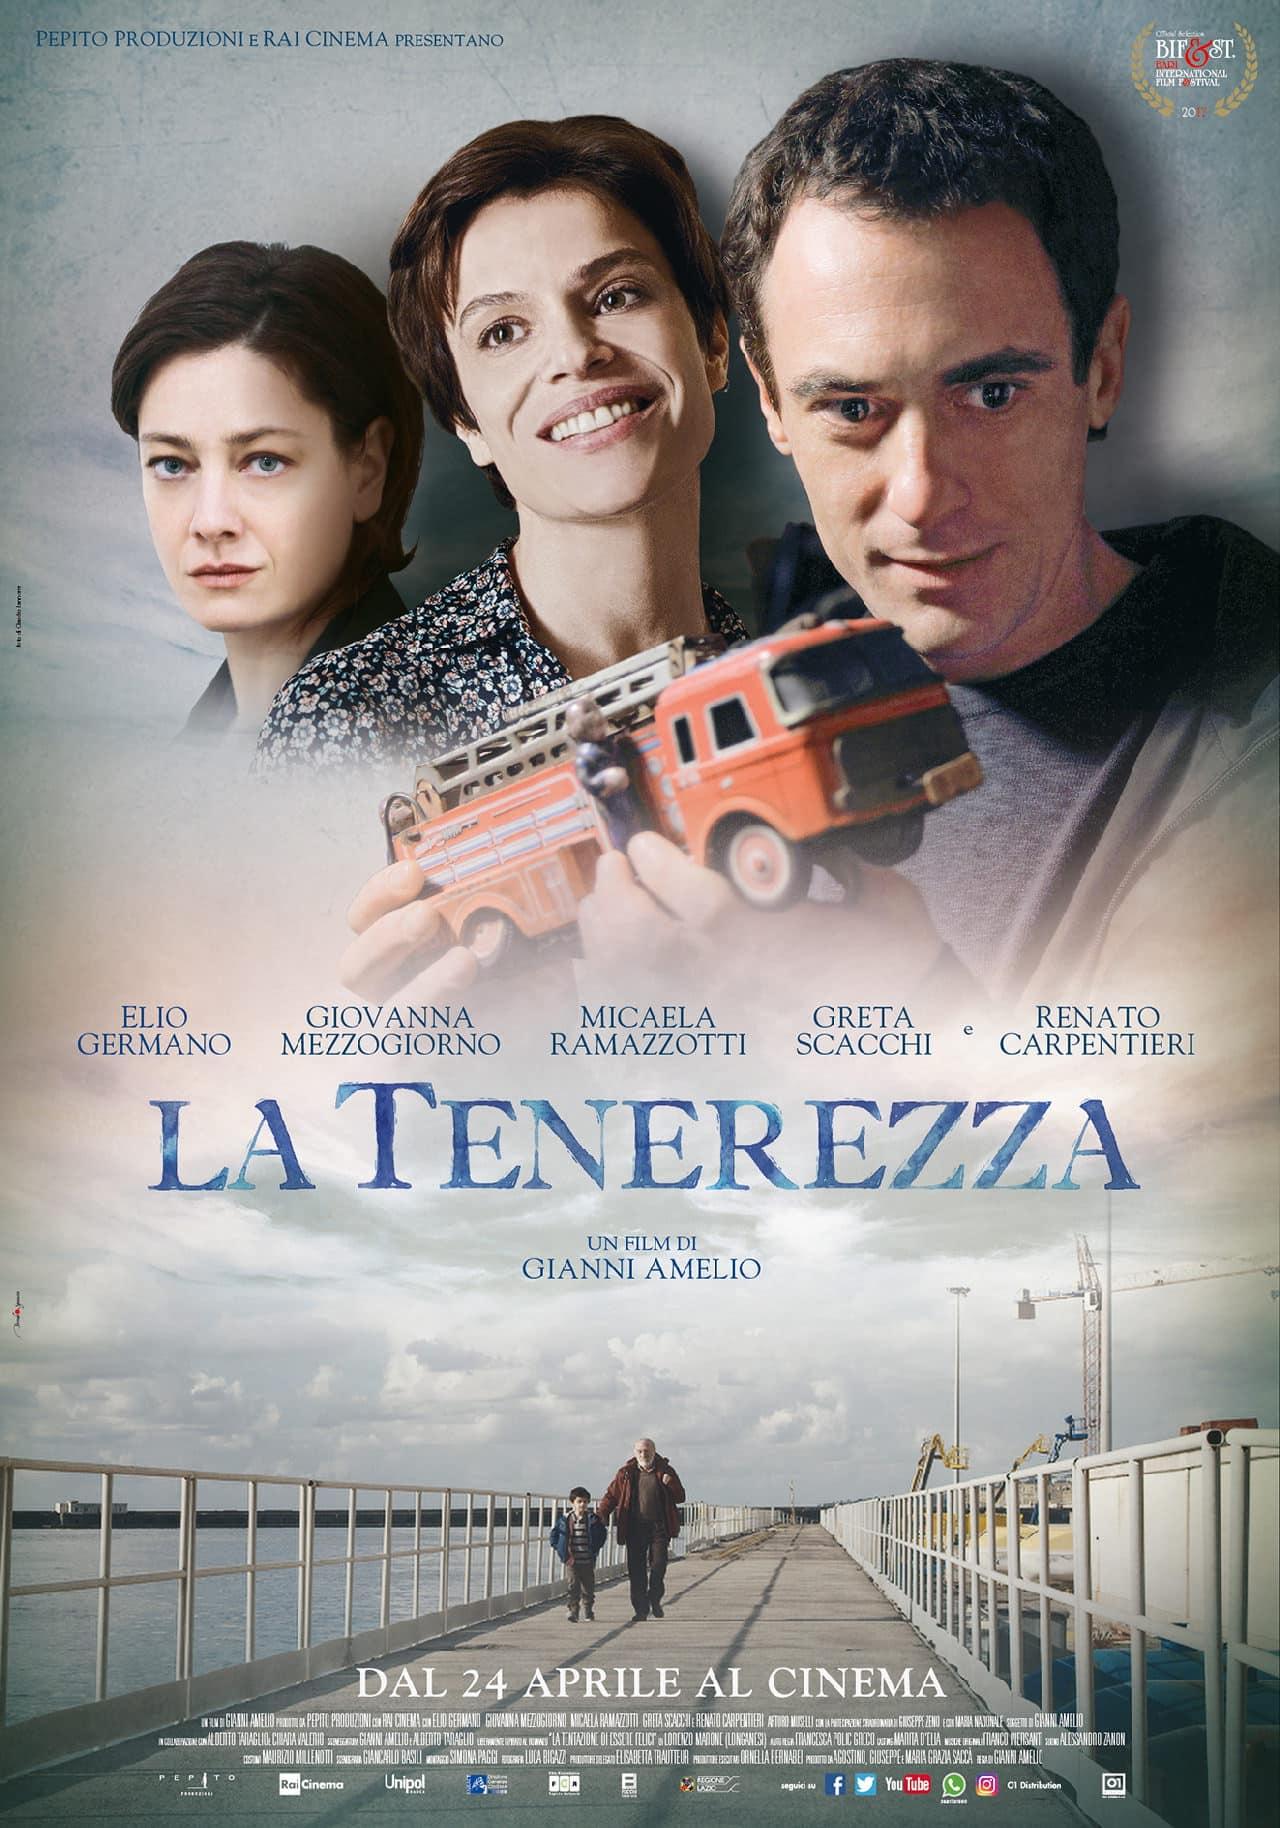 Elio Germano e Micaela Ramazzotti nel primo poster ufficiale de La tenerezza